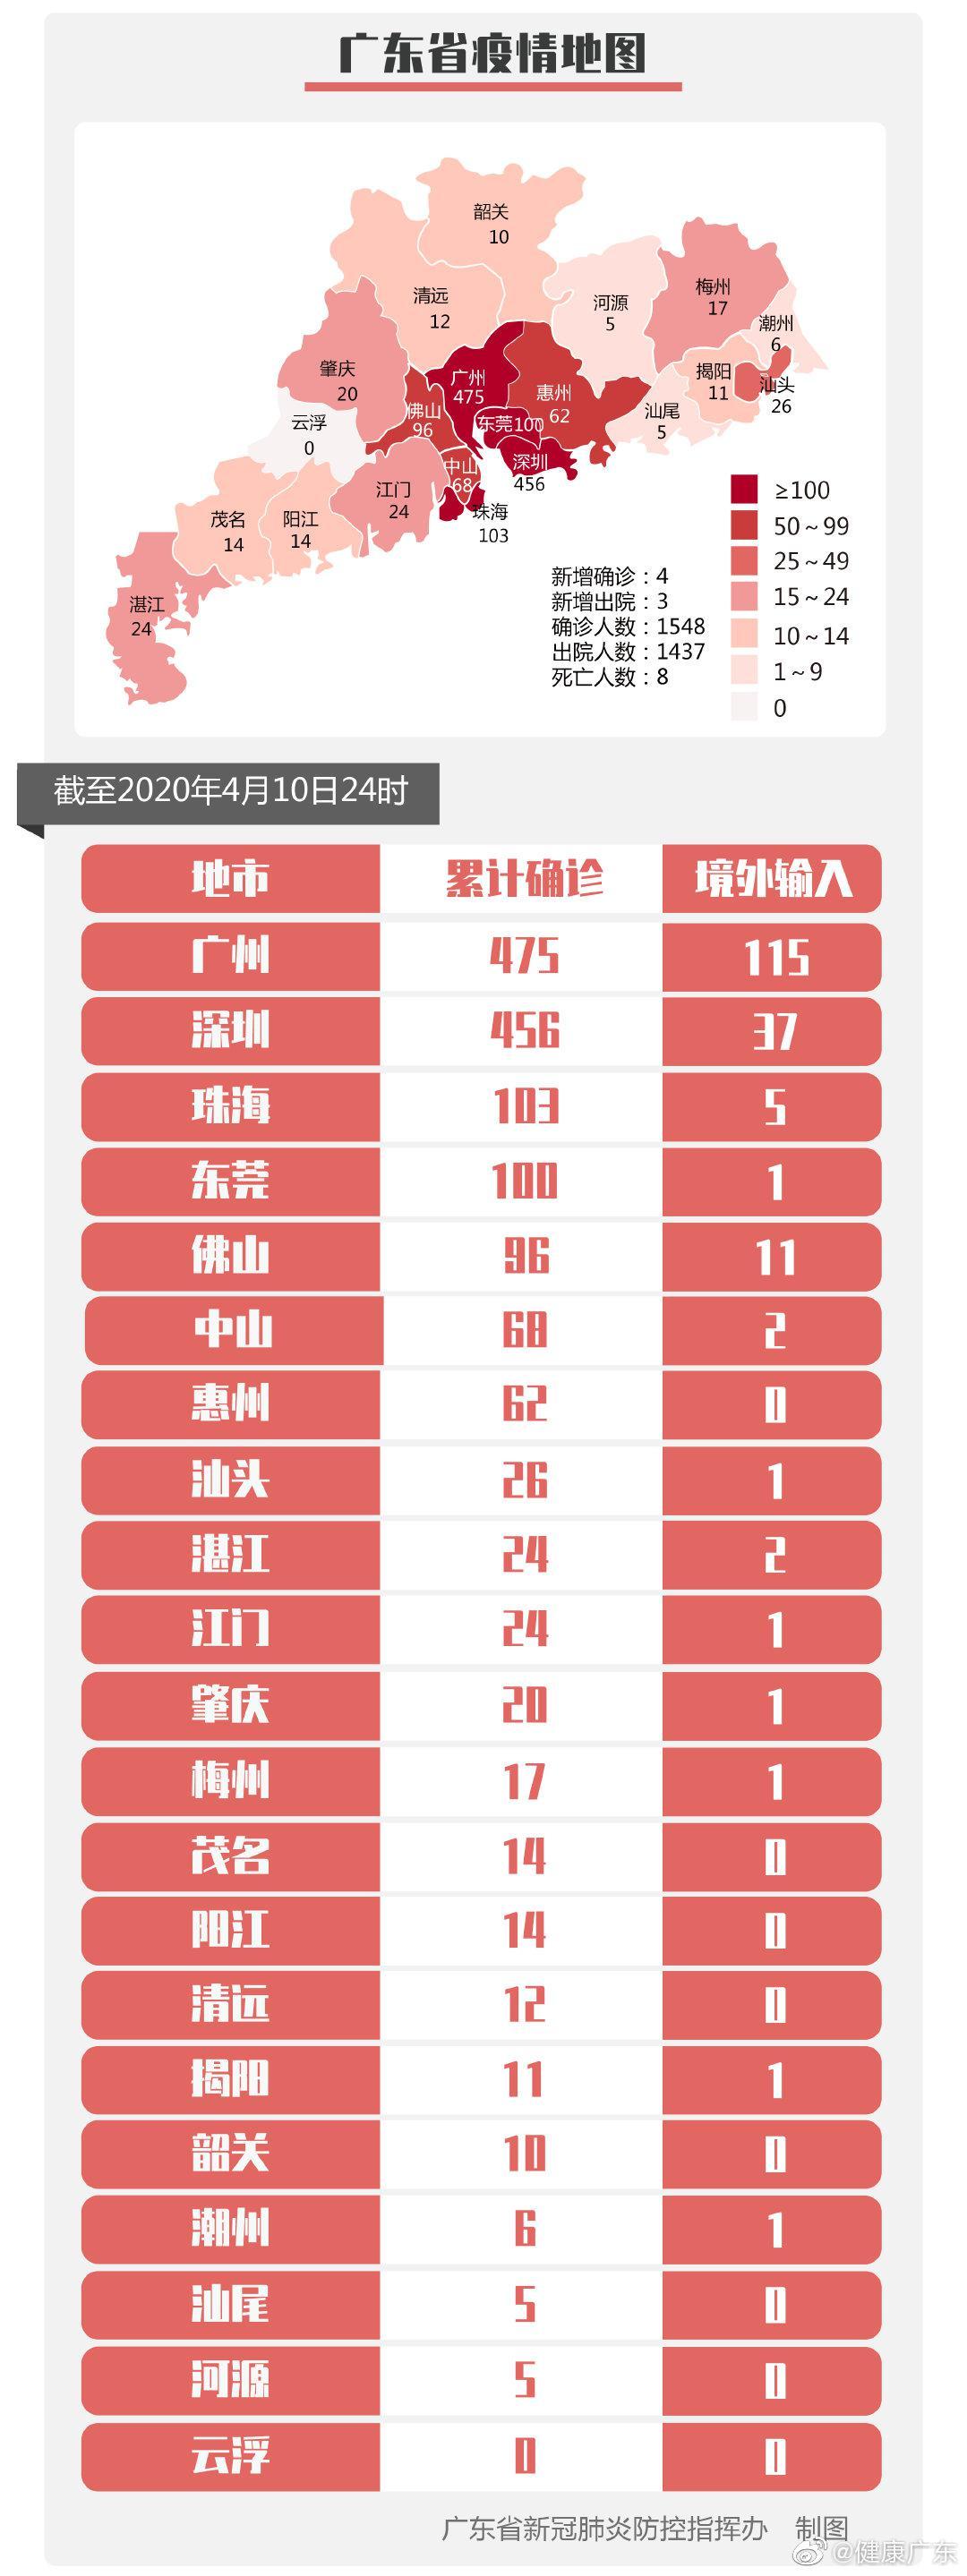 4月10日广东省新冠肺炎疫情情况图片